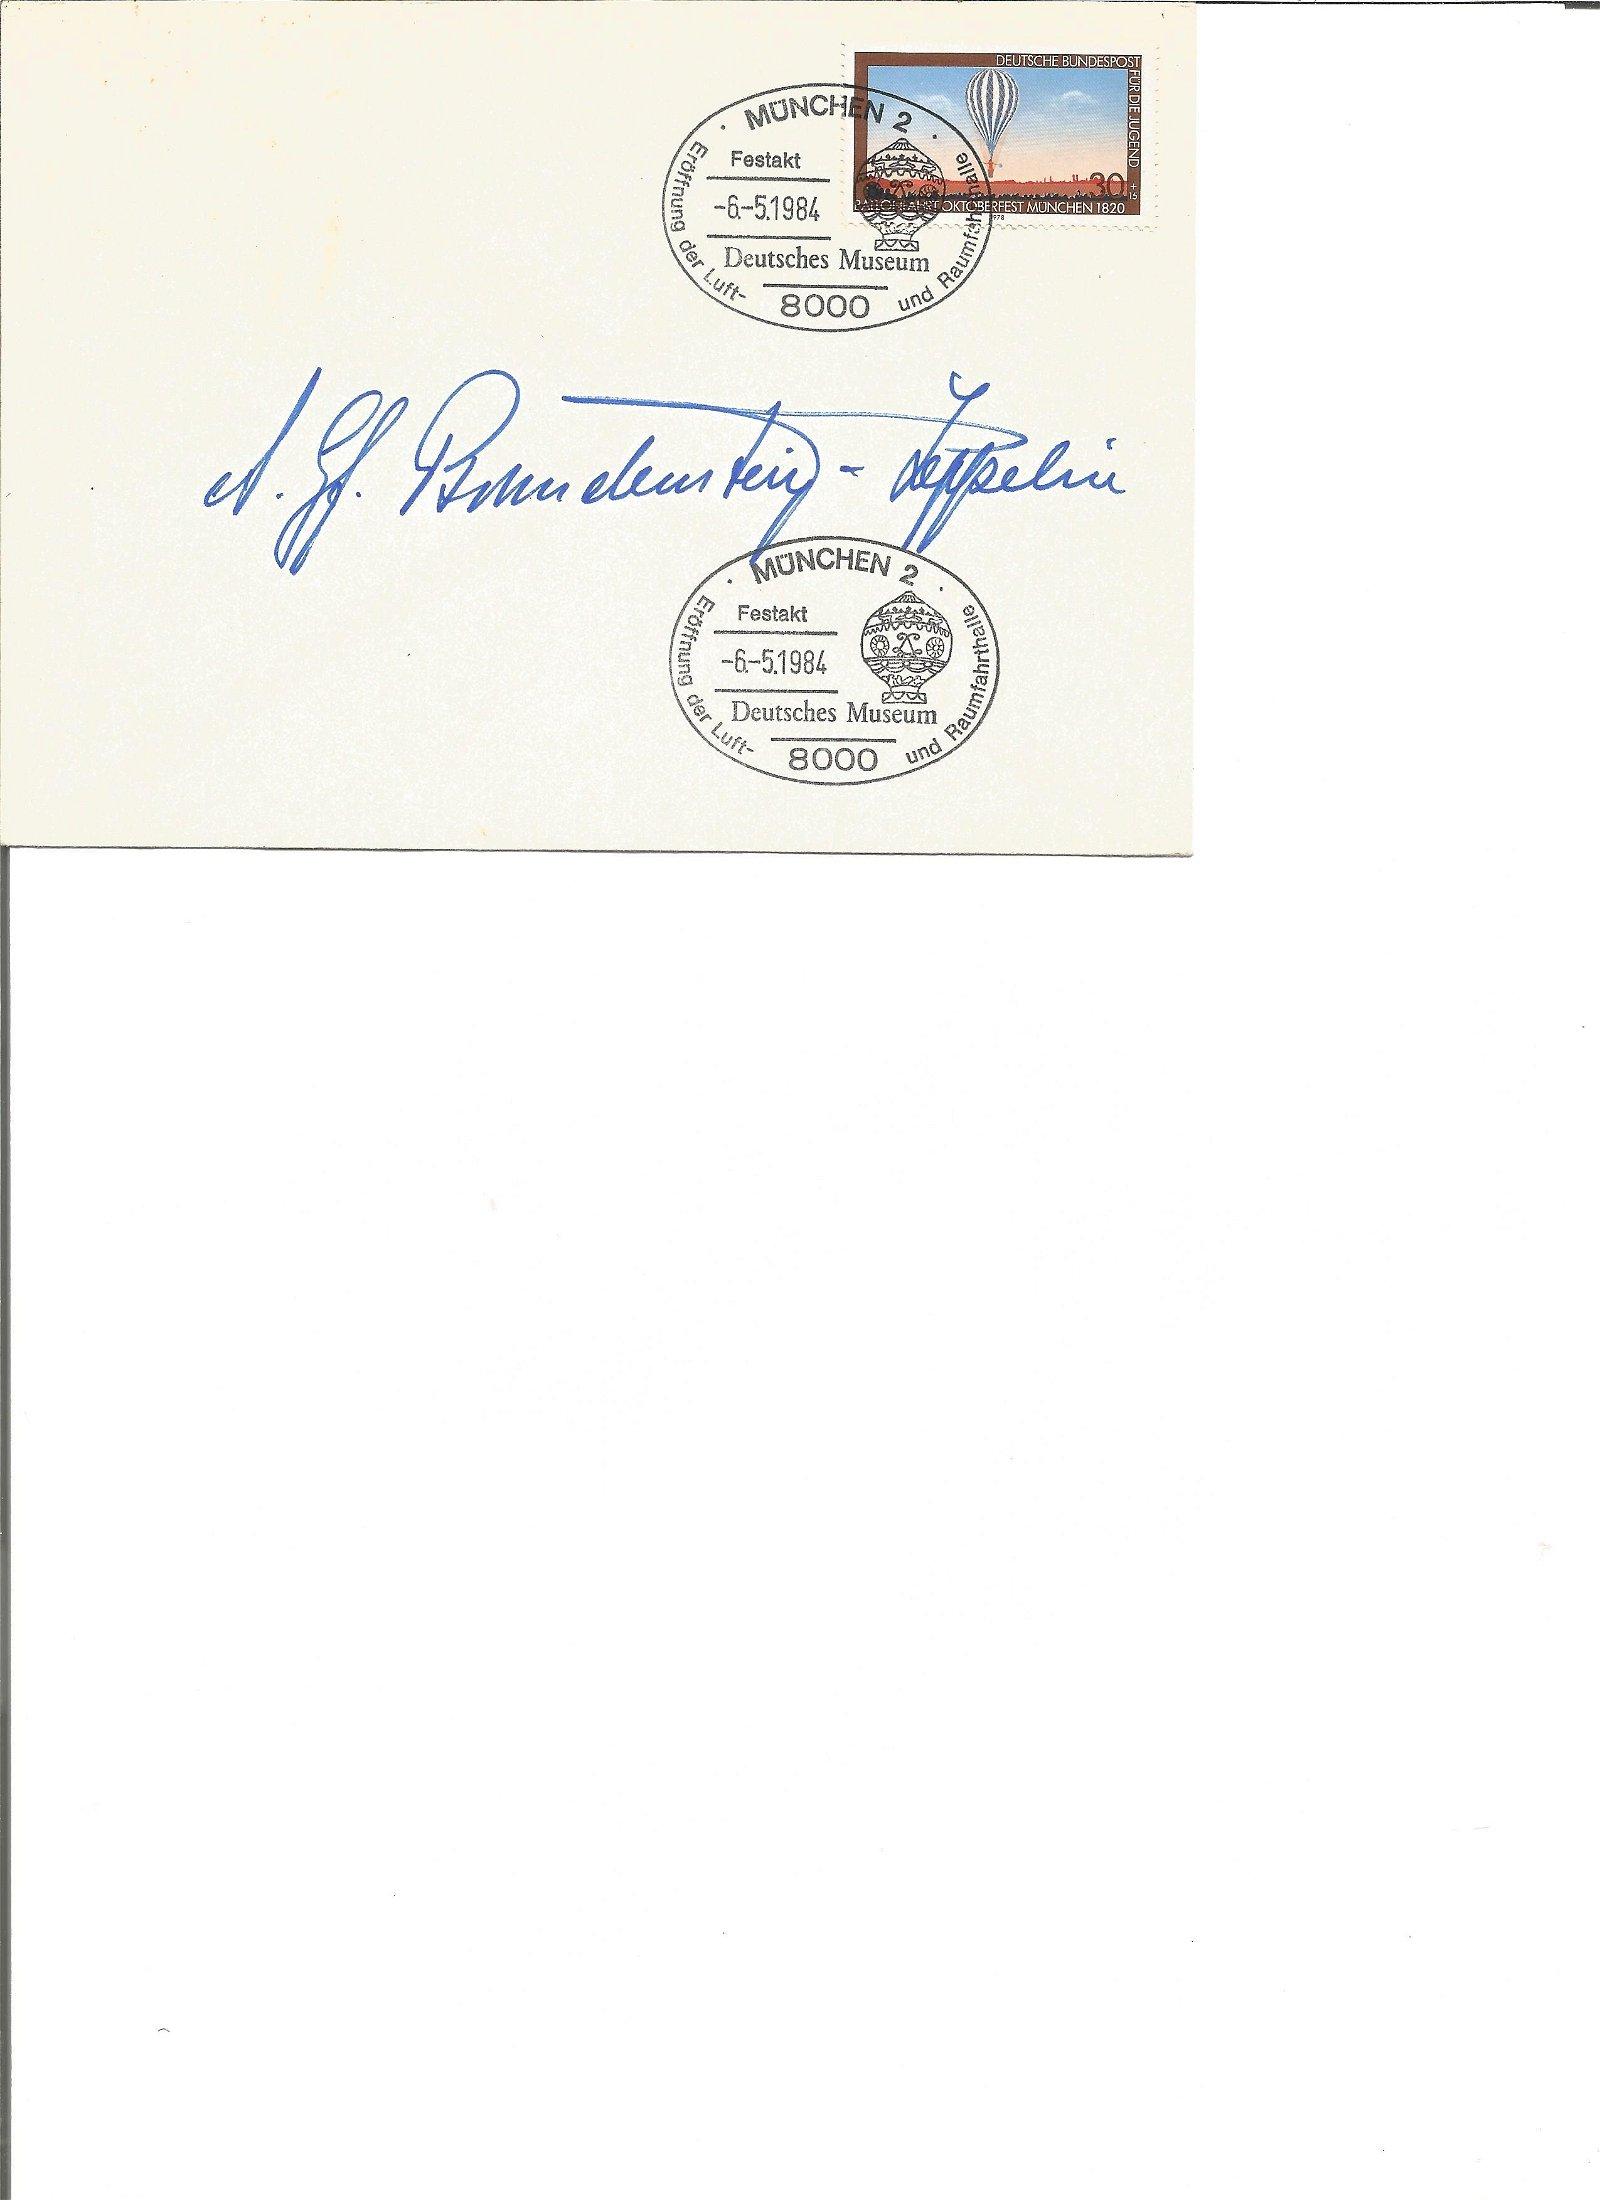 Zeppelin Isa Von Brandenstein Zeppelin signed 1984